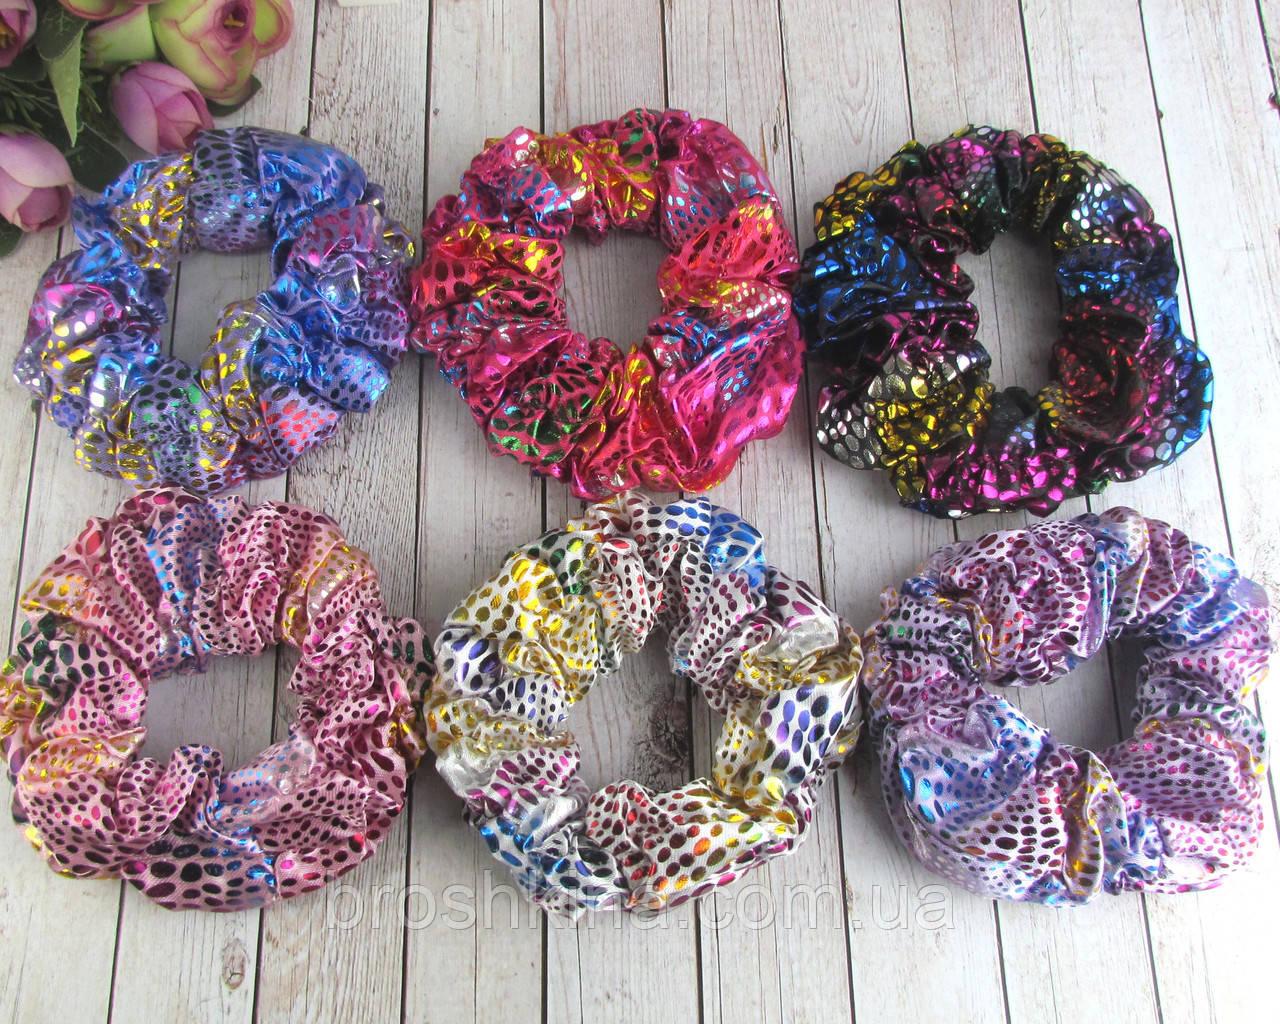 Объемные резинки для волос текстиль с накатом d 10 см 12 шт/уп.